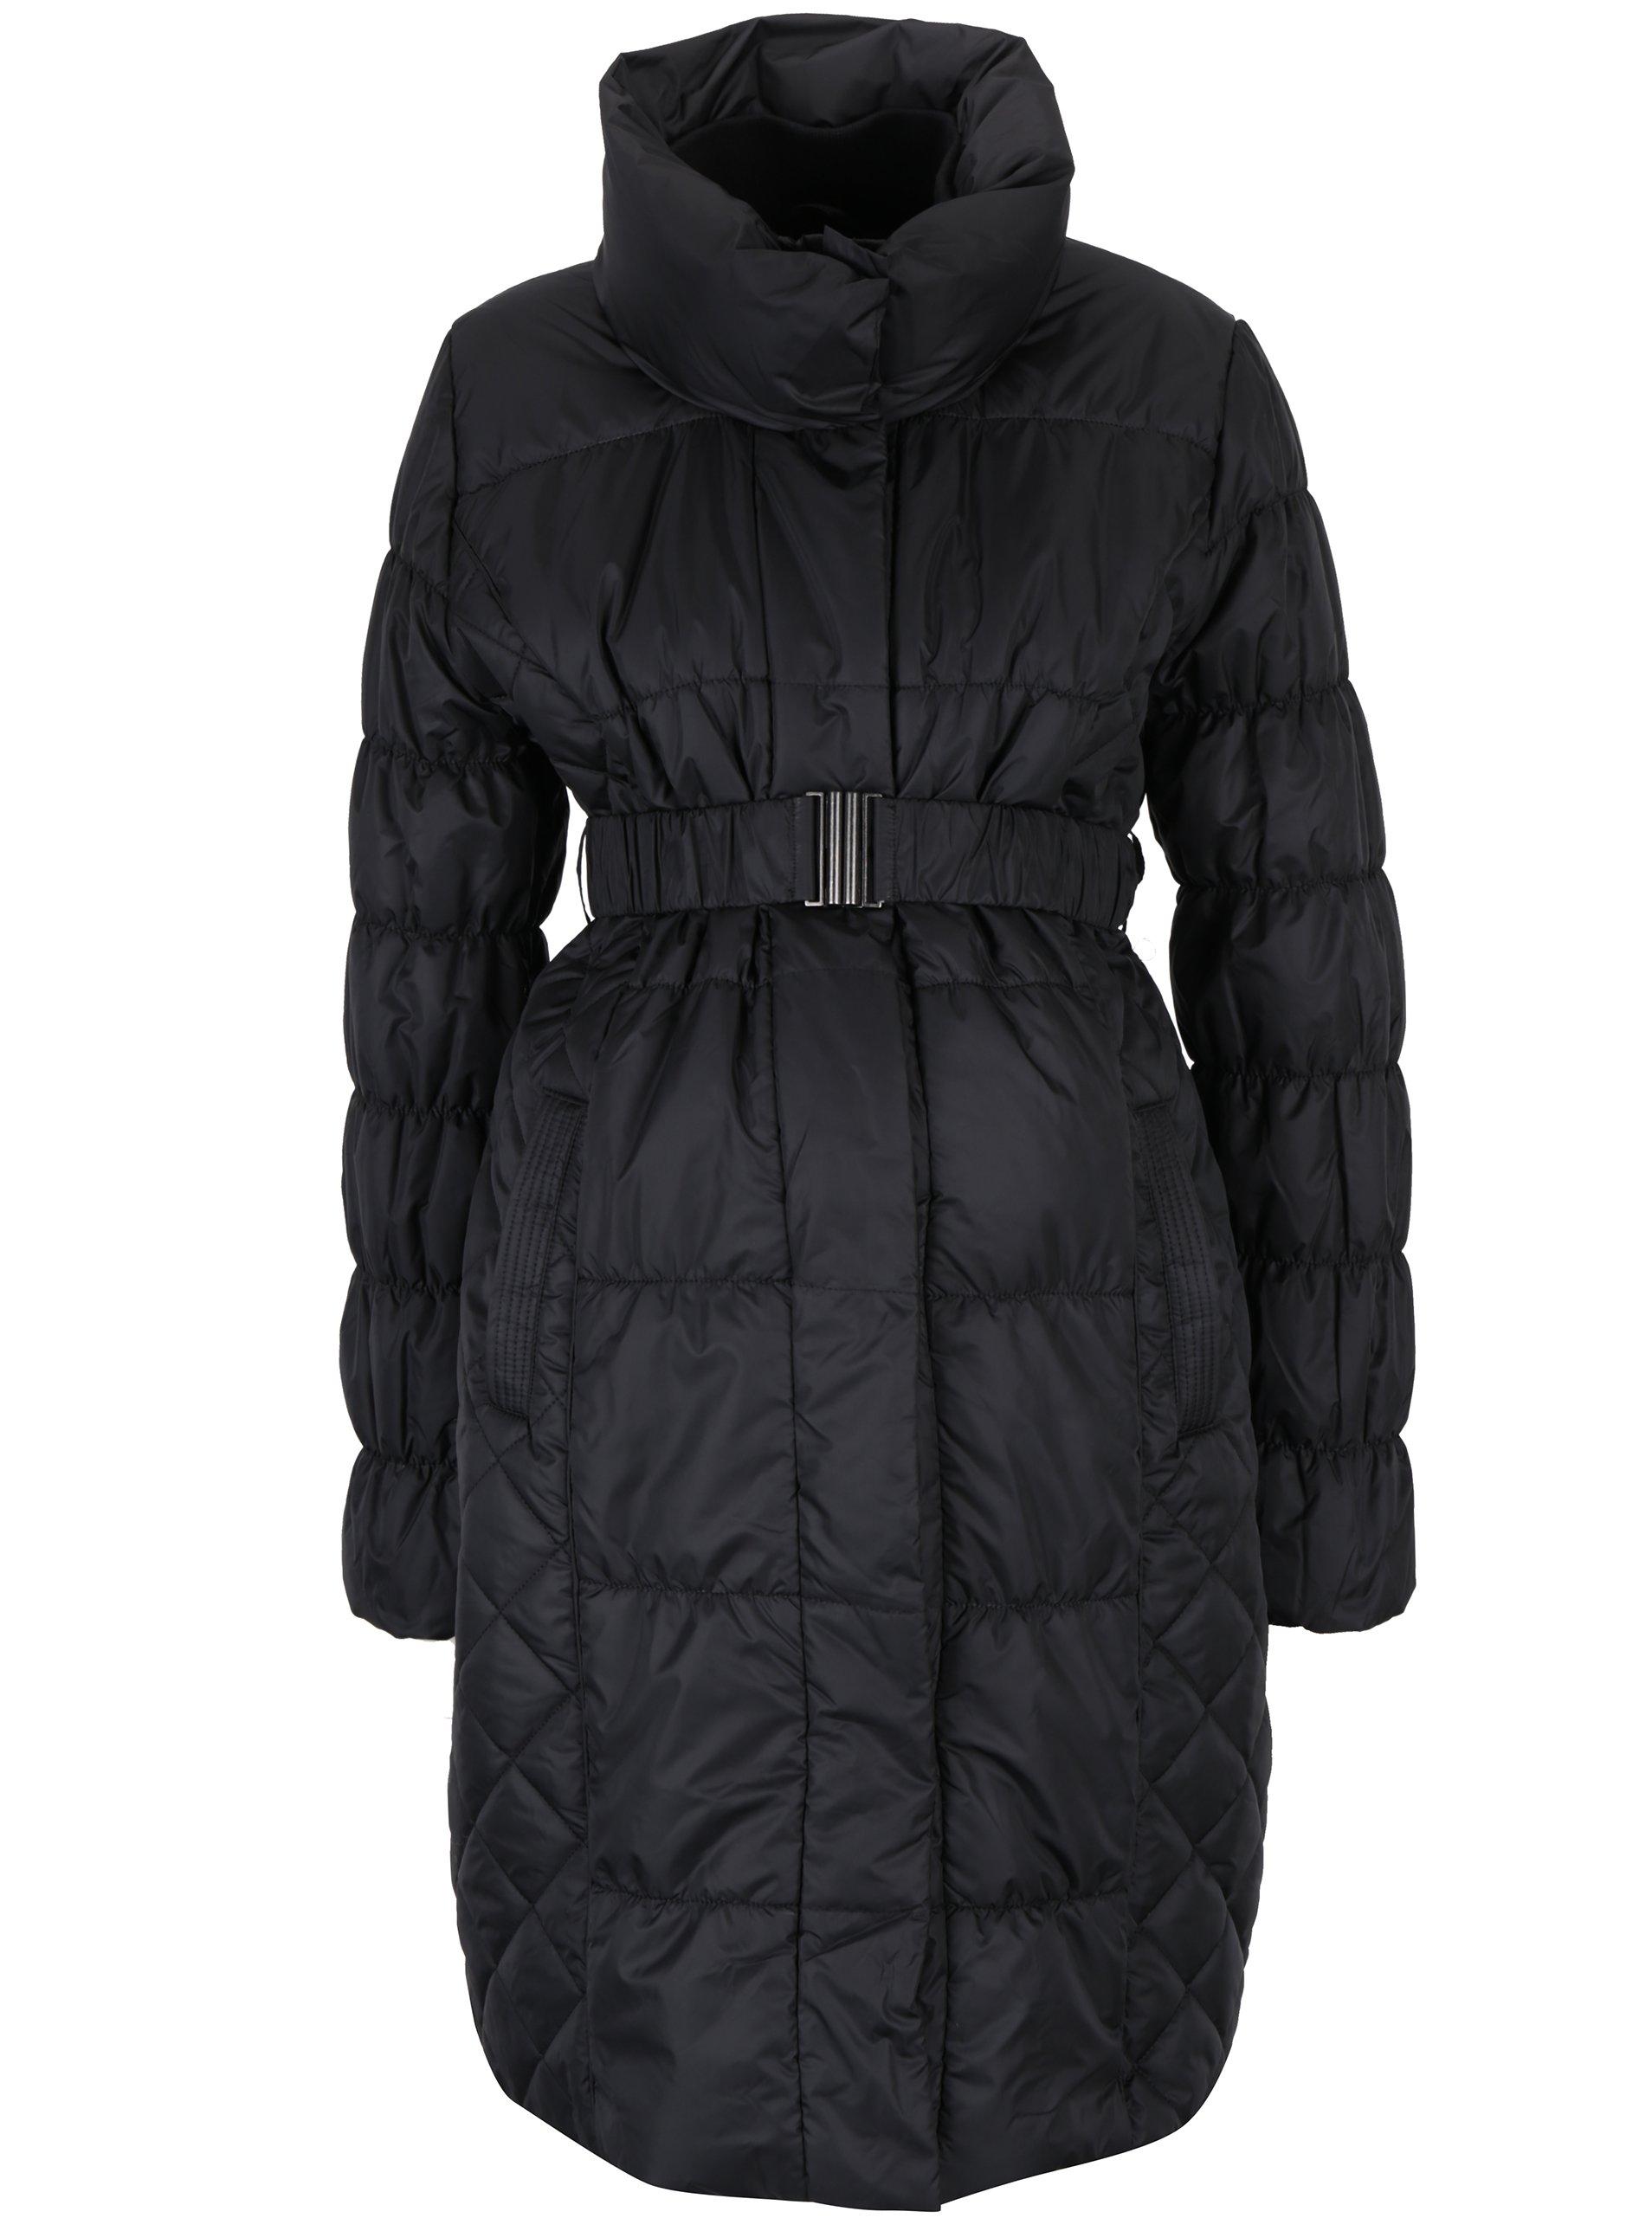 Černý prošívaný těhotenský kabát s páskem Mama.licious Zita